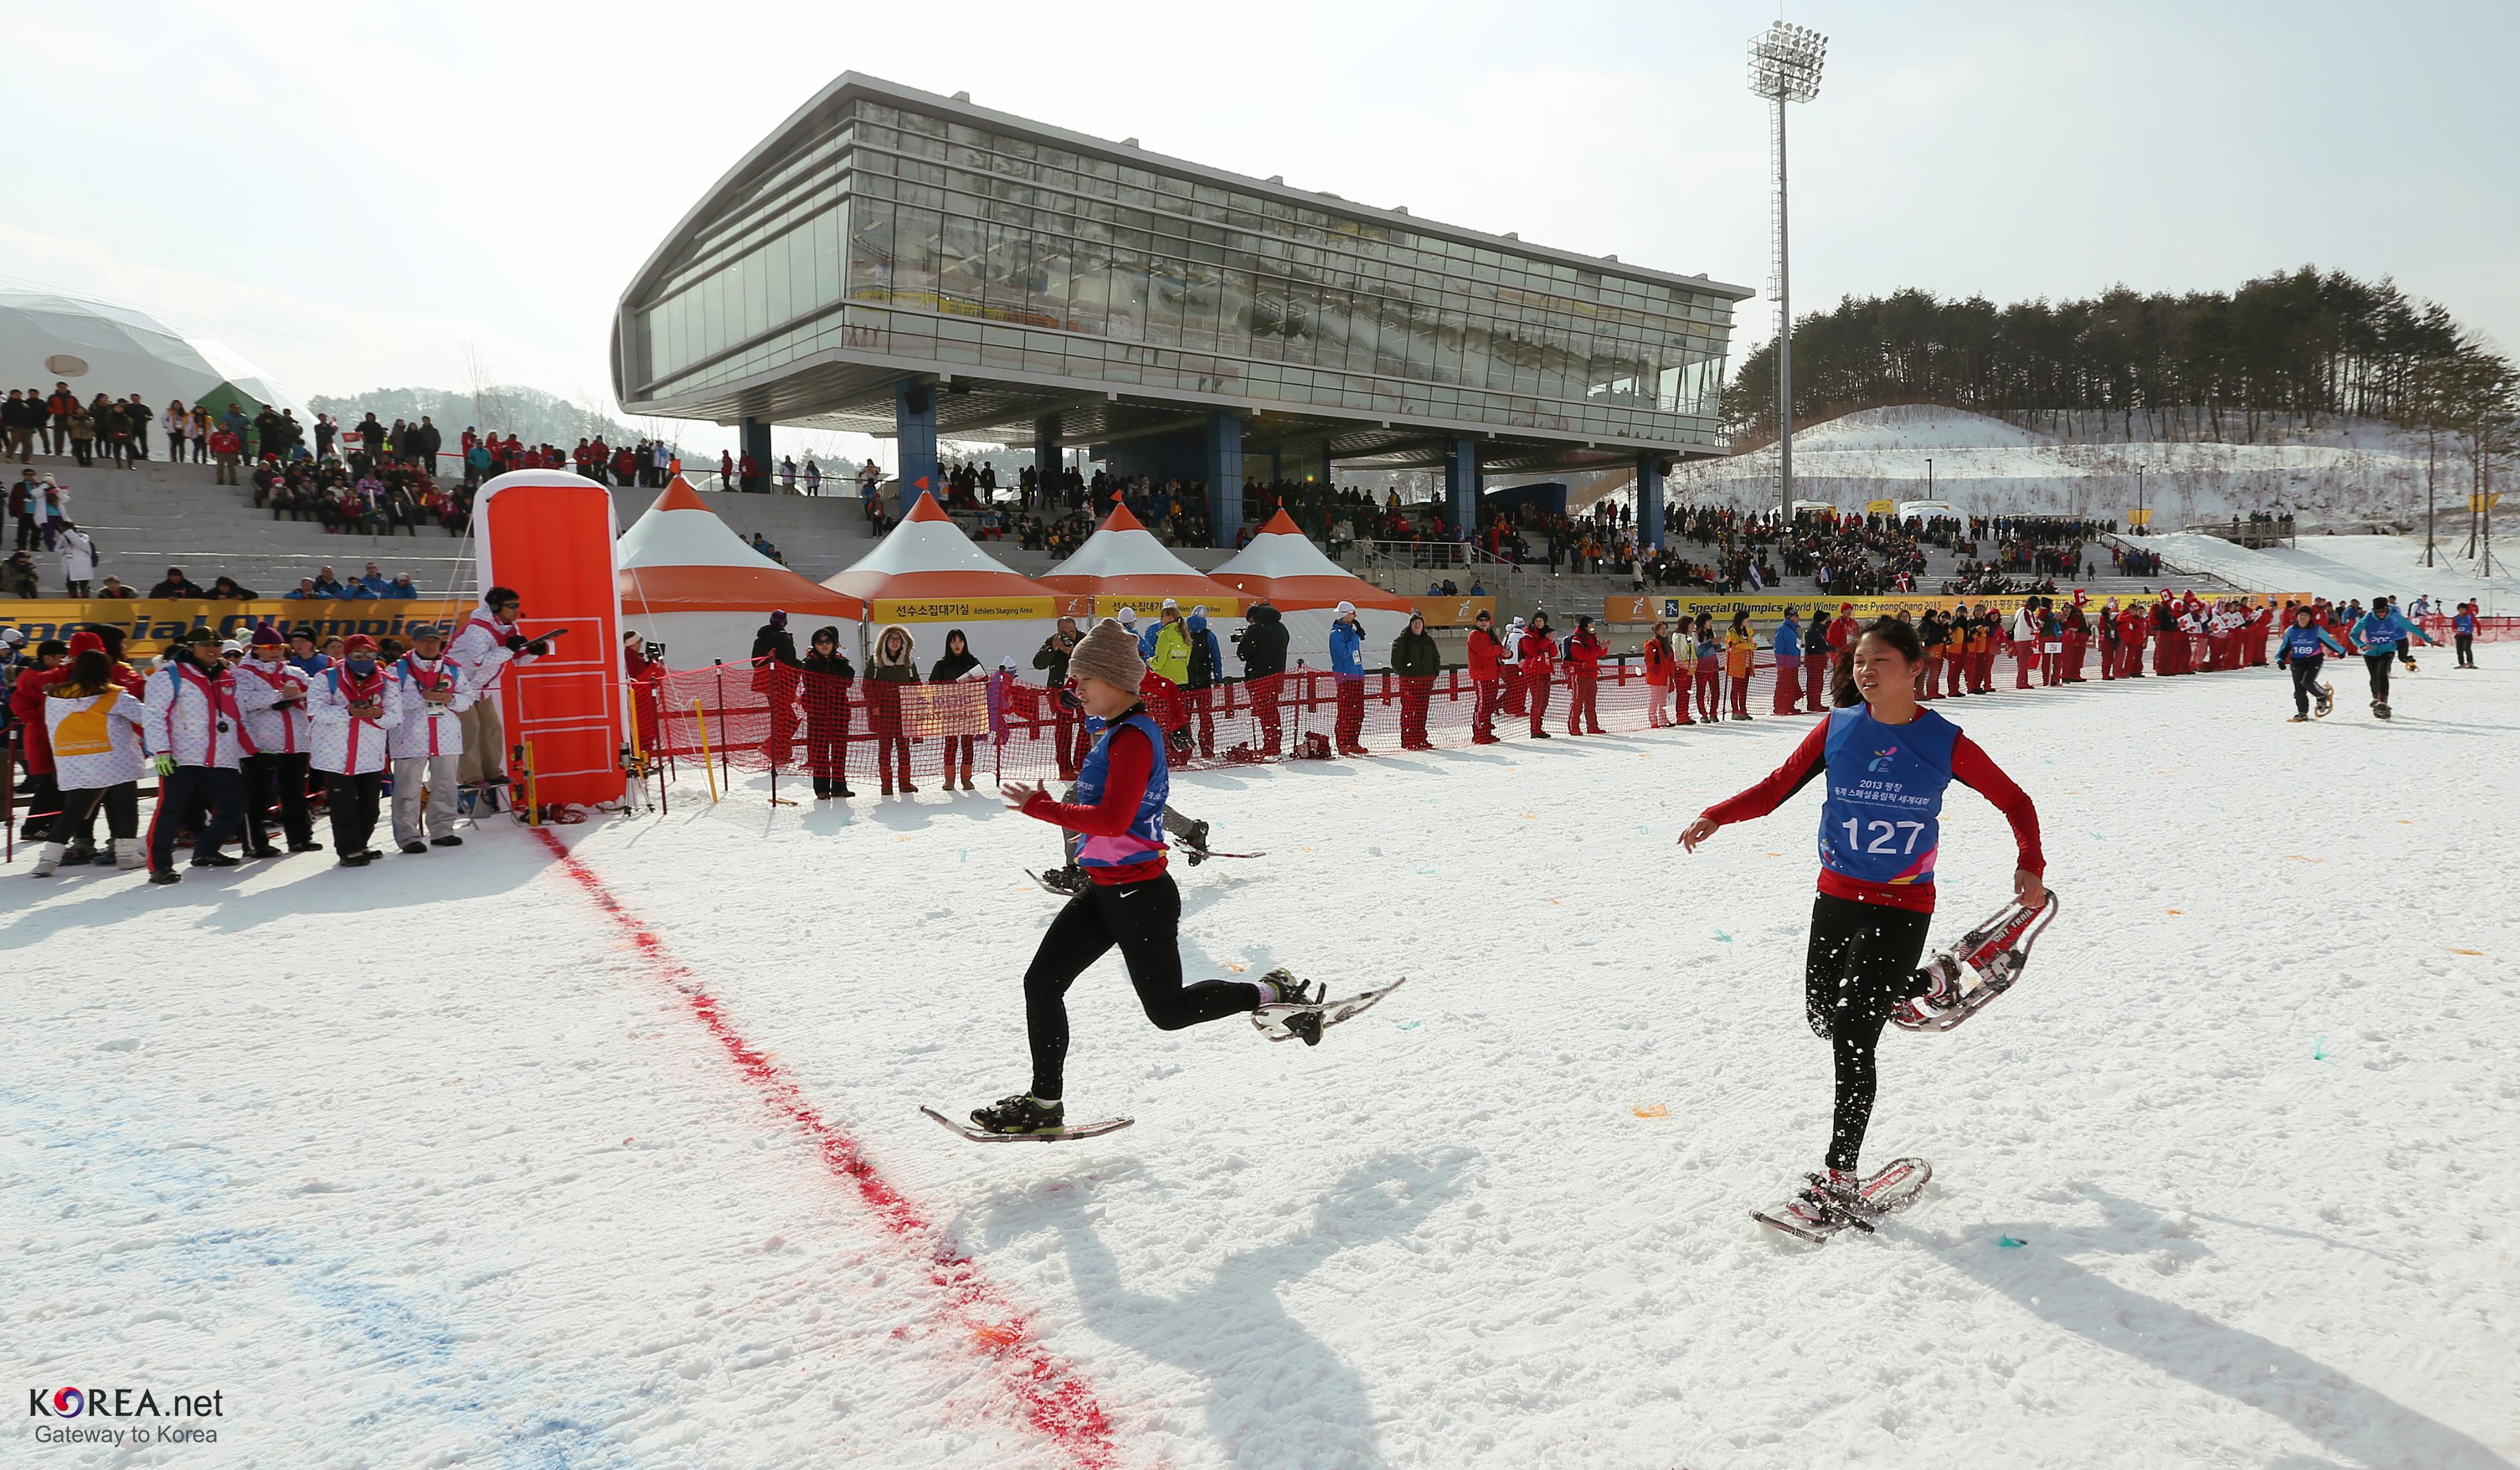 Snowshoe running - Wikipedia